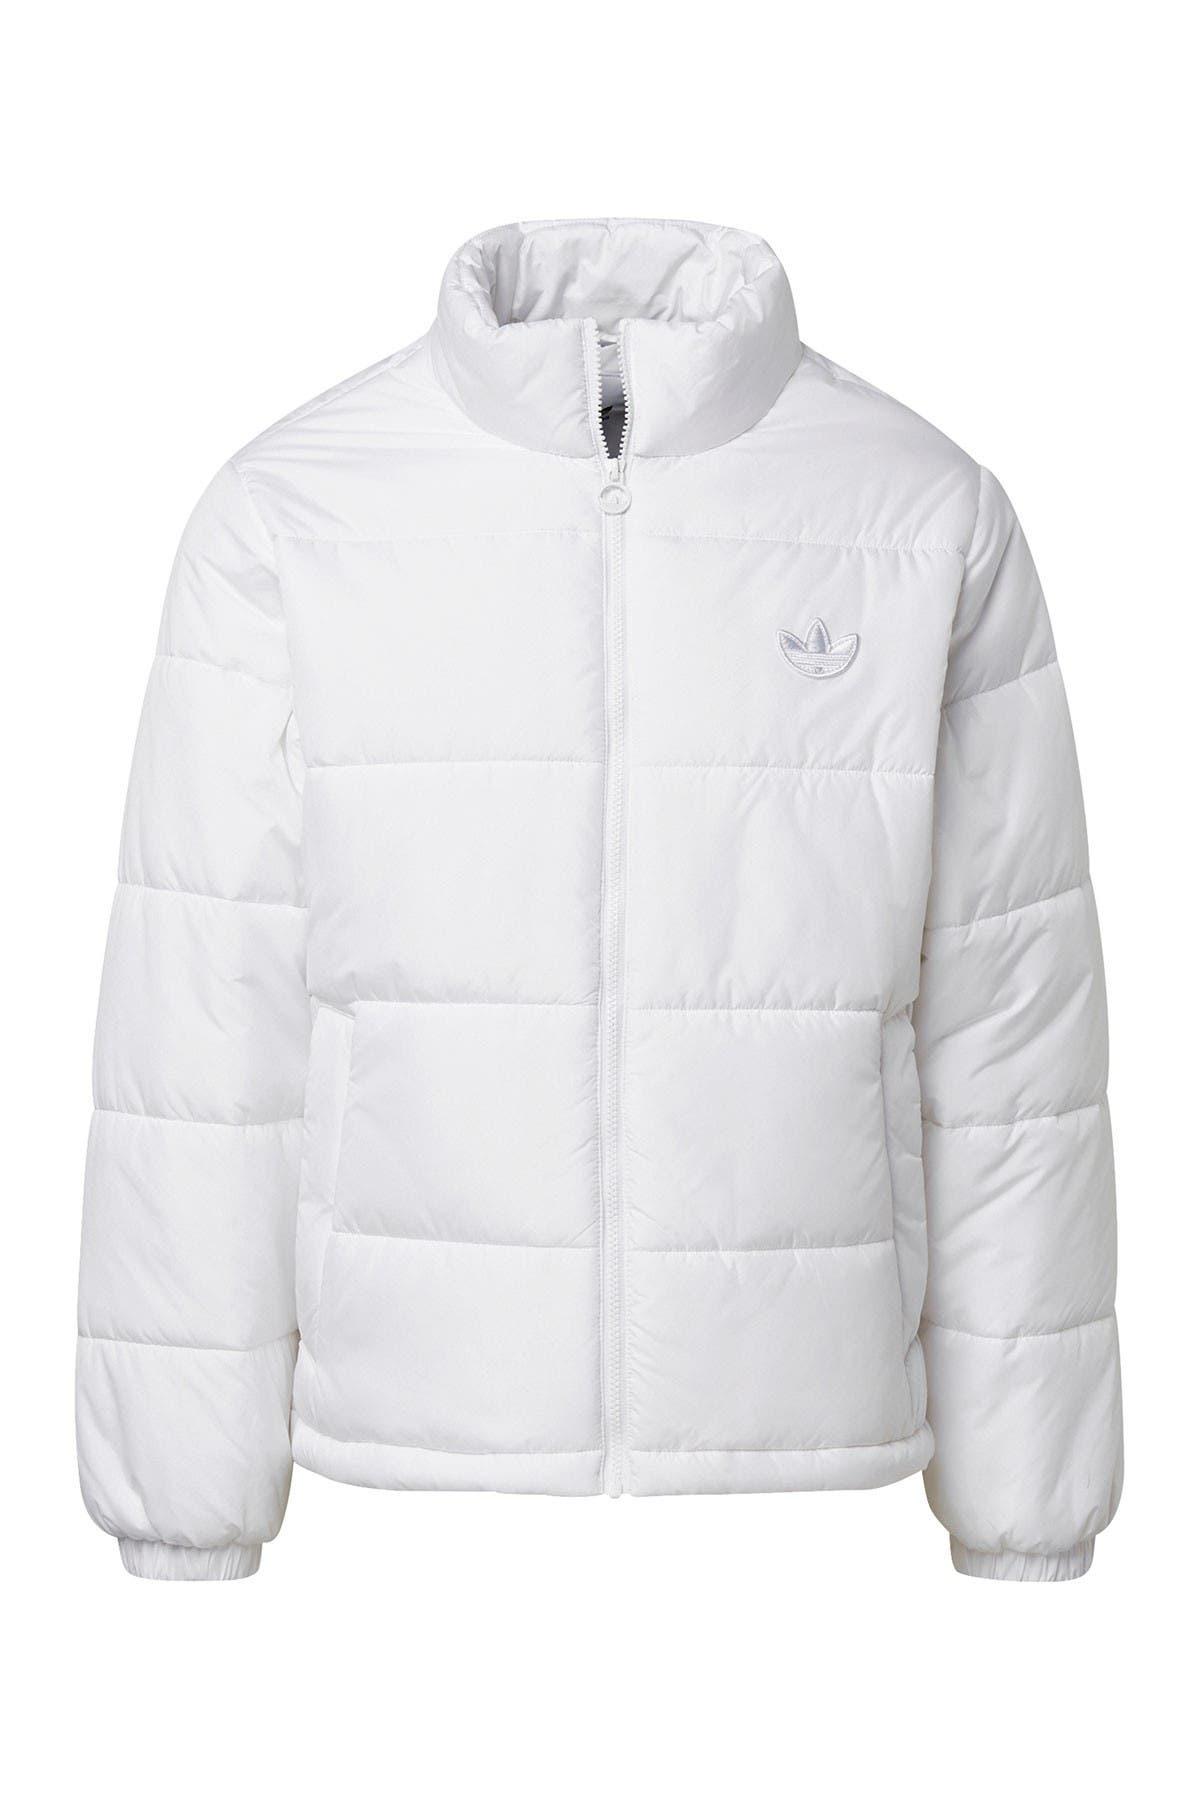 Image of adidas Padded Puffer Jacket